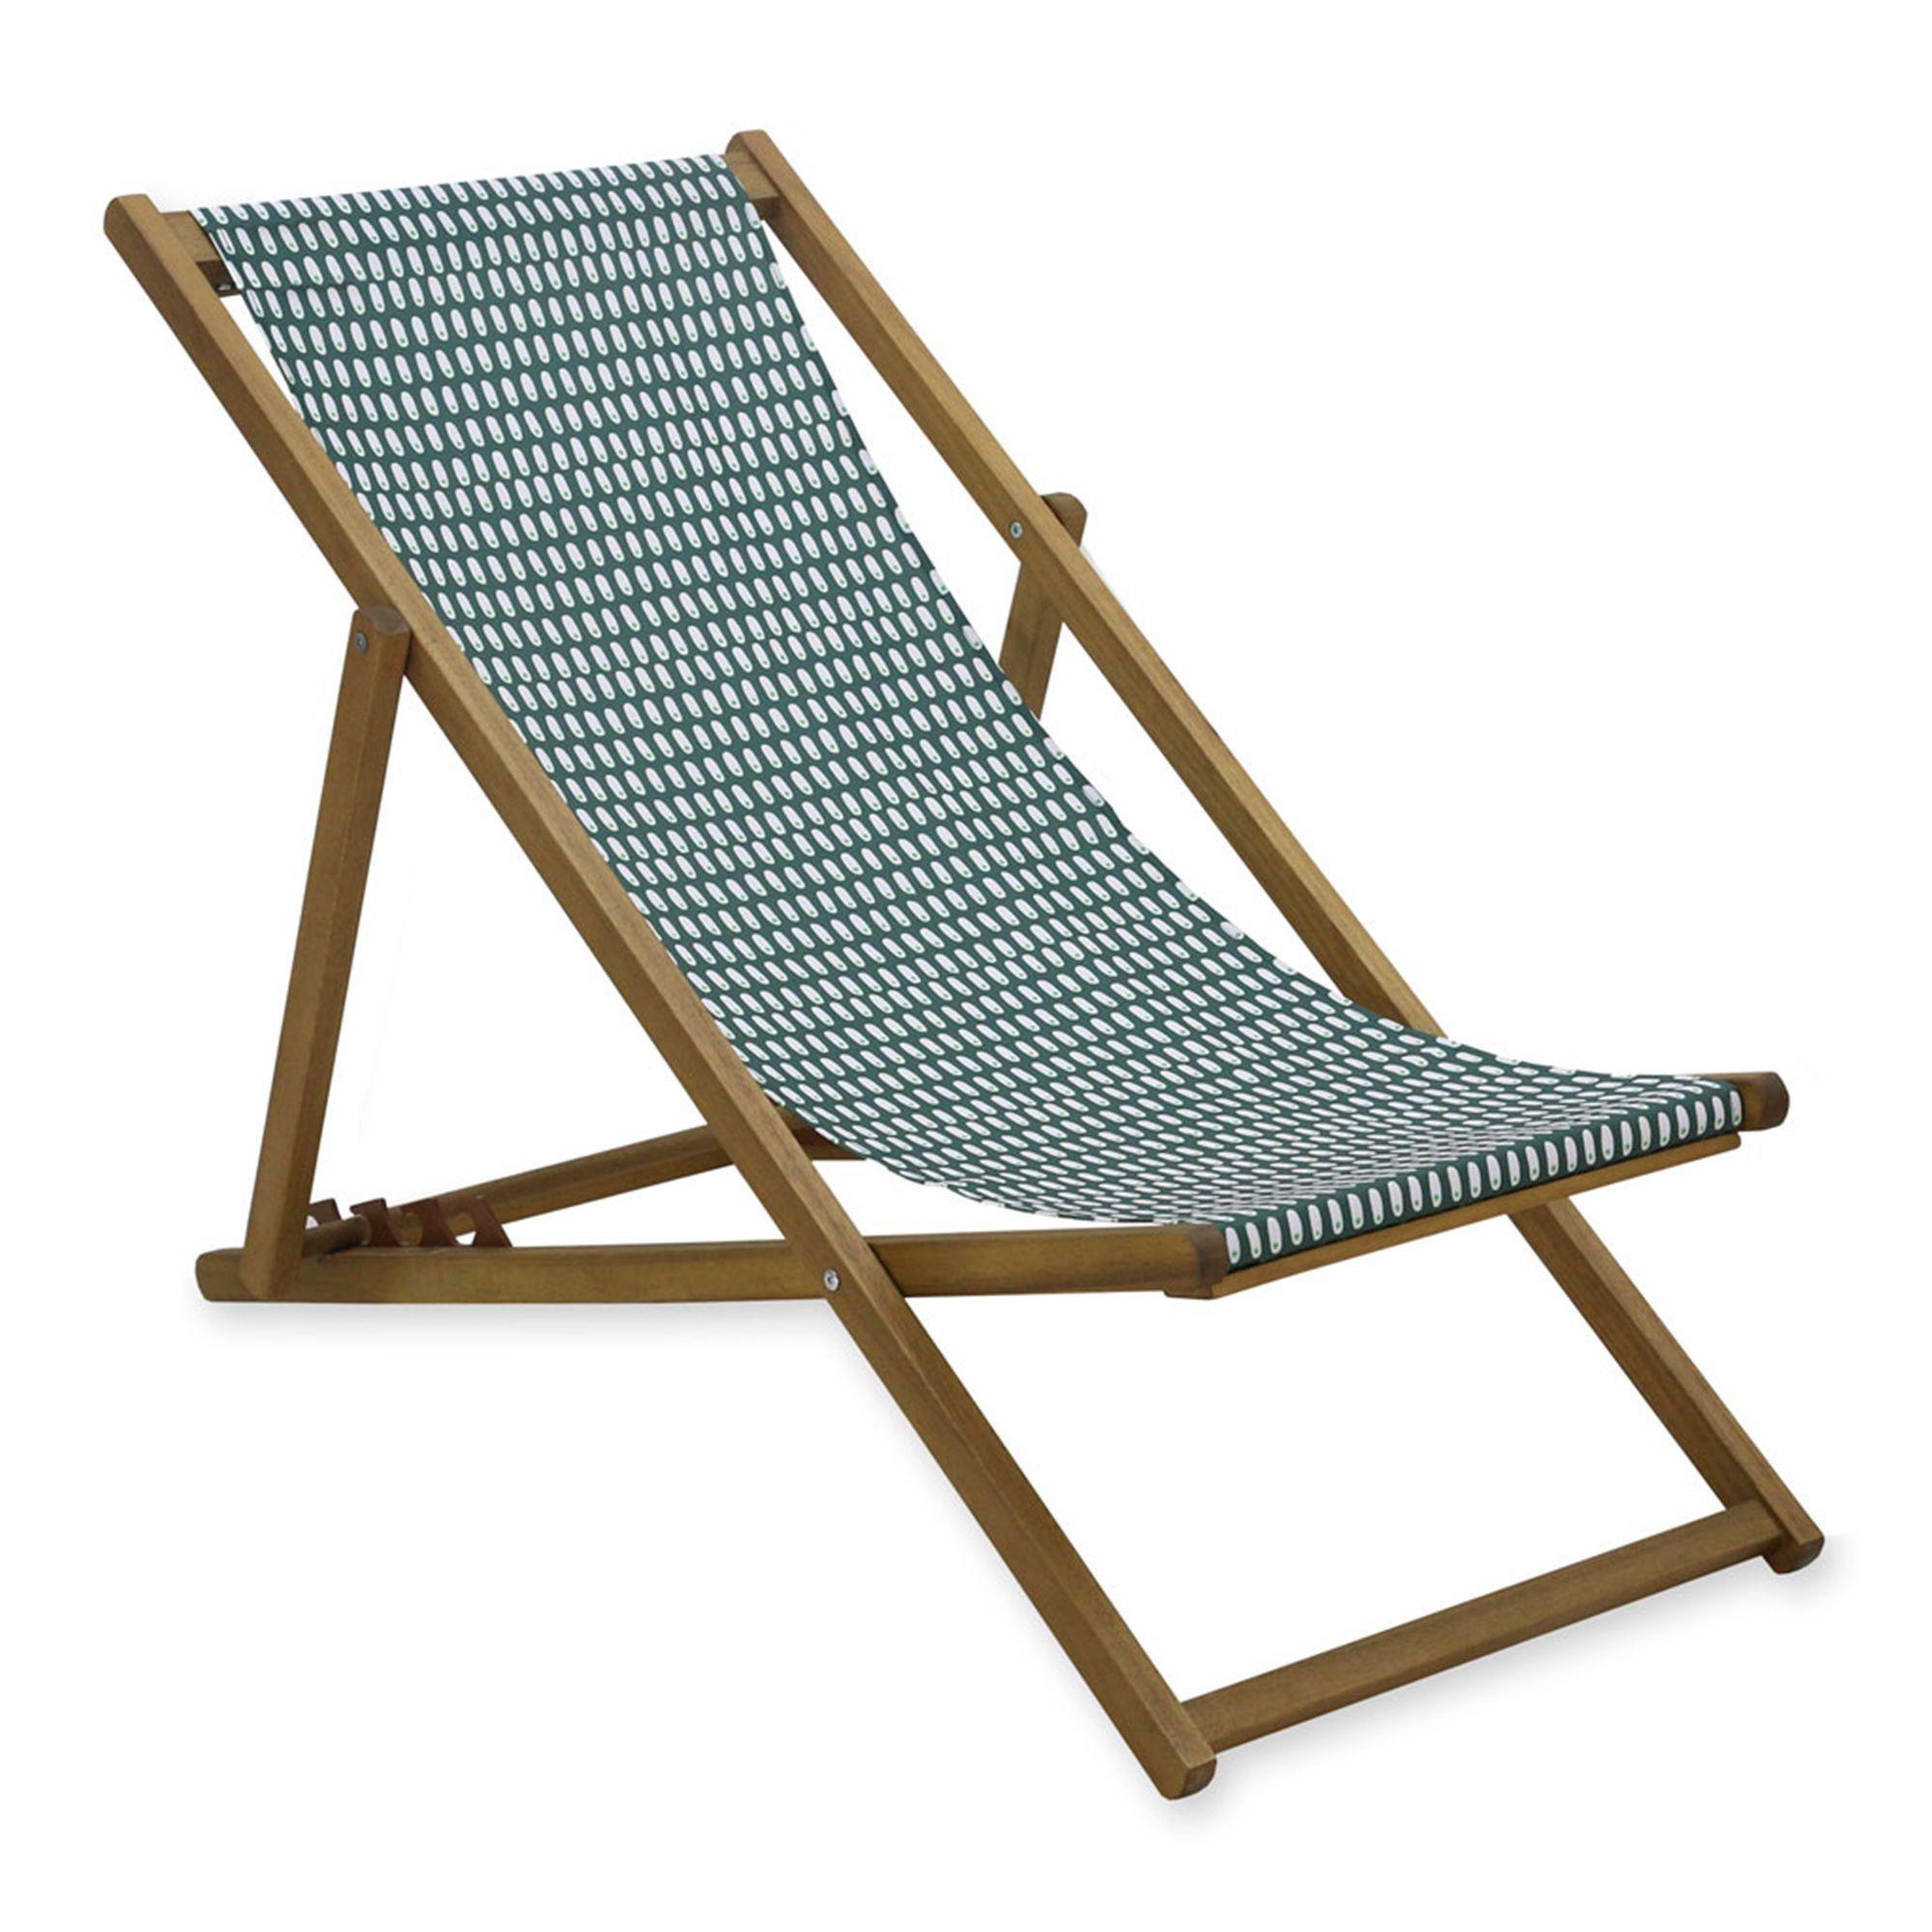 Alinea Udine Chilienne Chaise Longue De Jardin Bean En Acacia Alinea Decoration Deco Chaise Chaise Longue Jardin Meuble Deco Mobilier De Salon